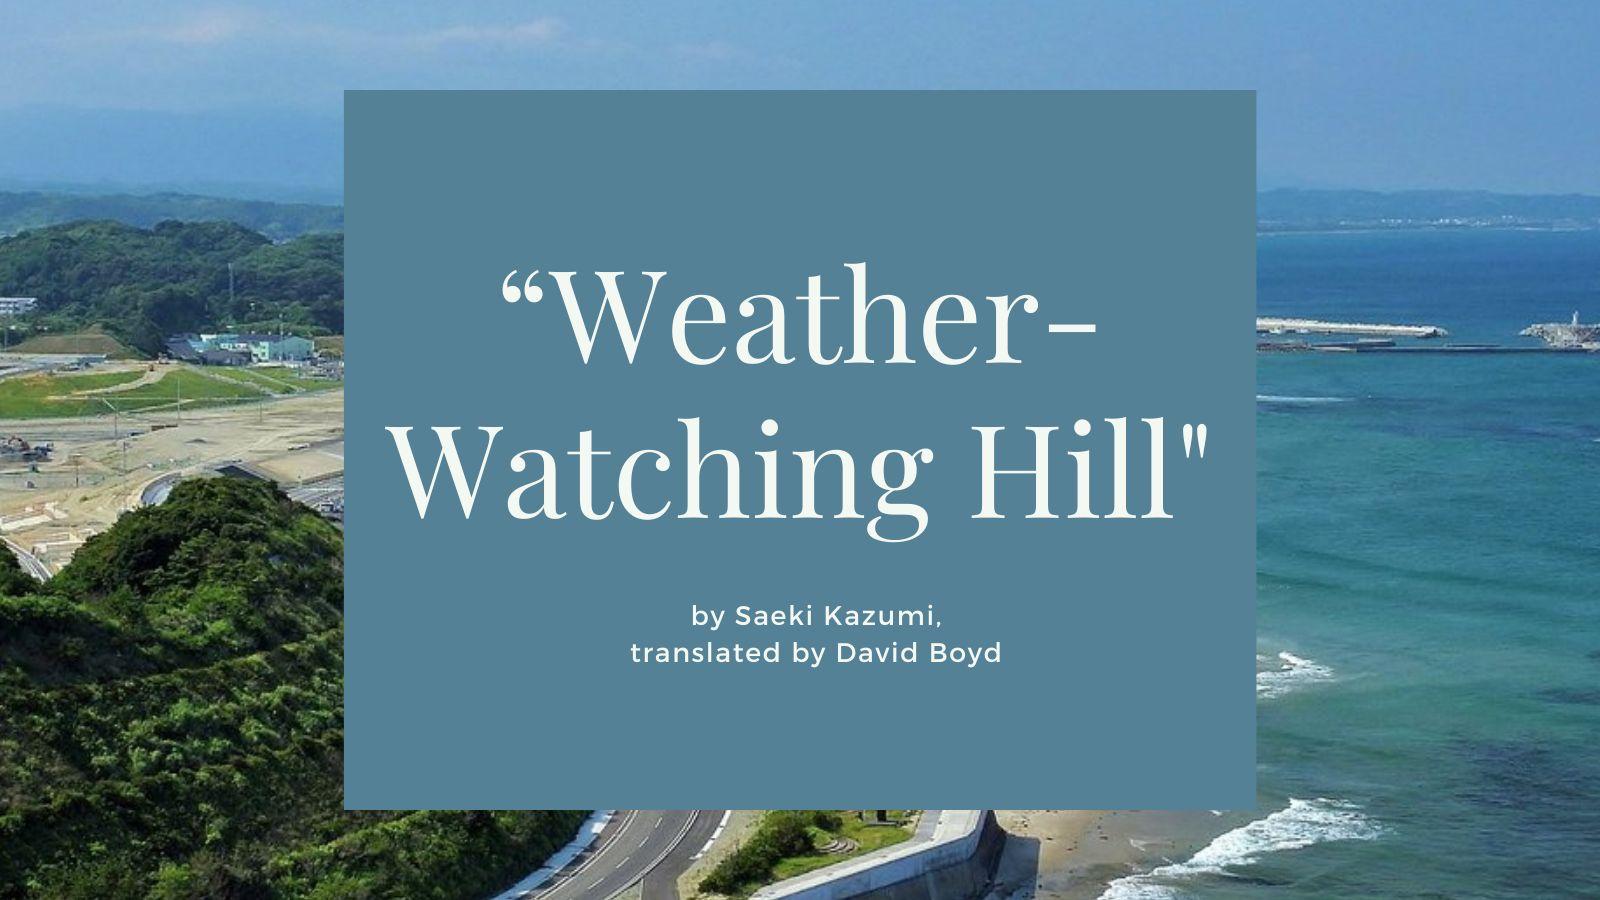 weather-watching-metropolis-magazine-japan